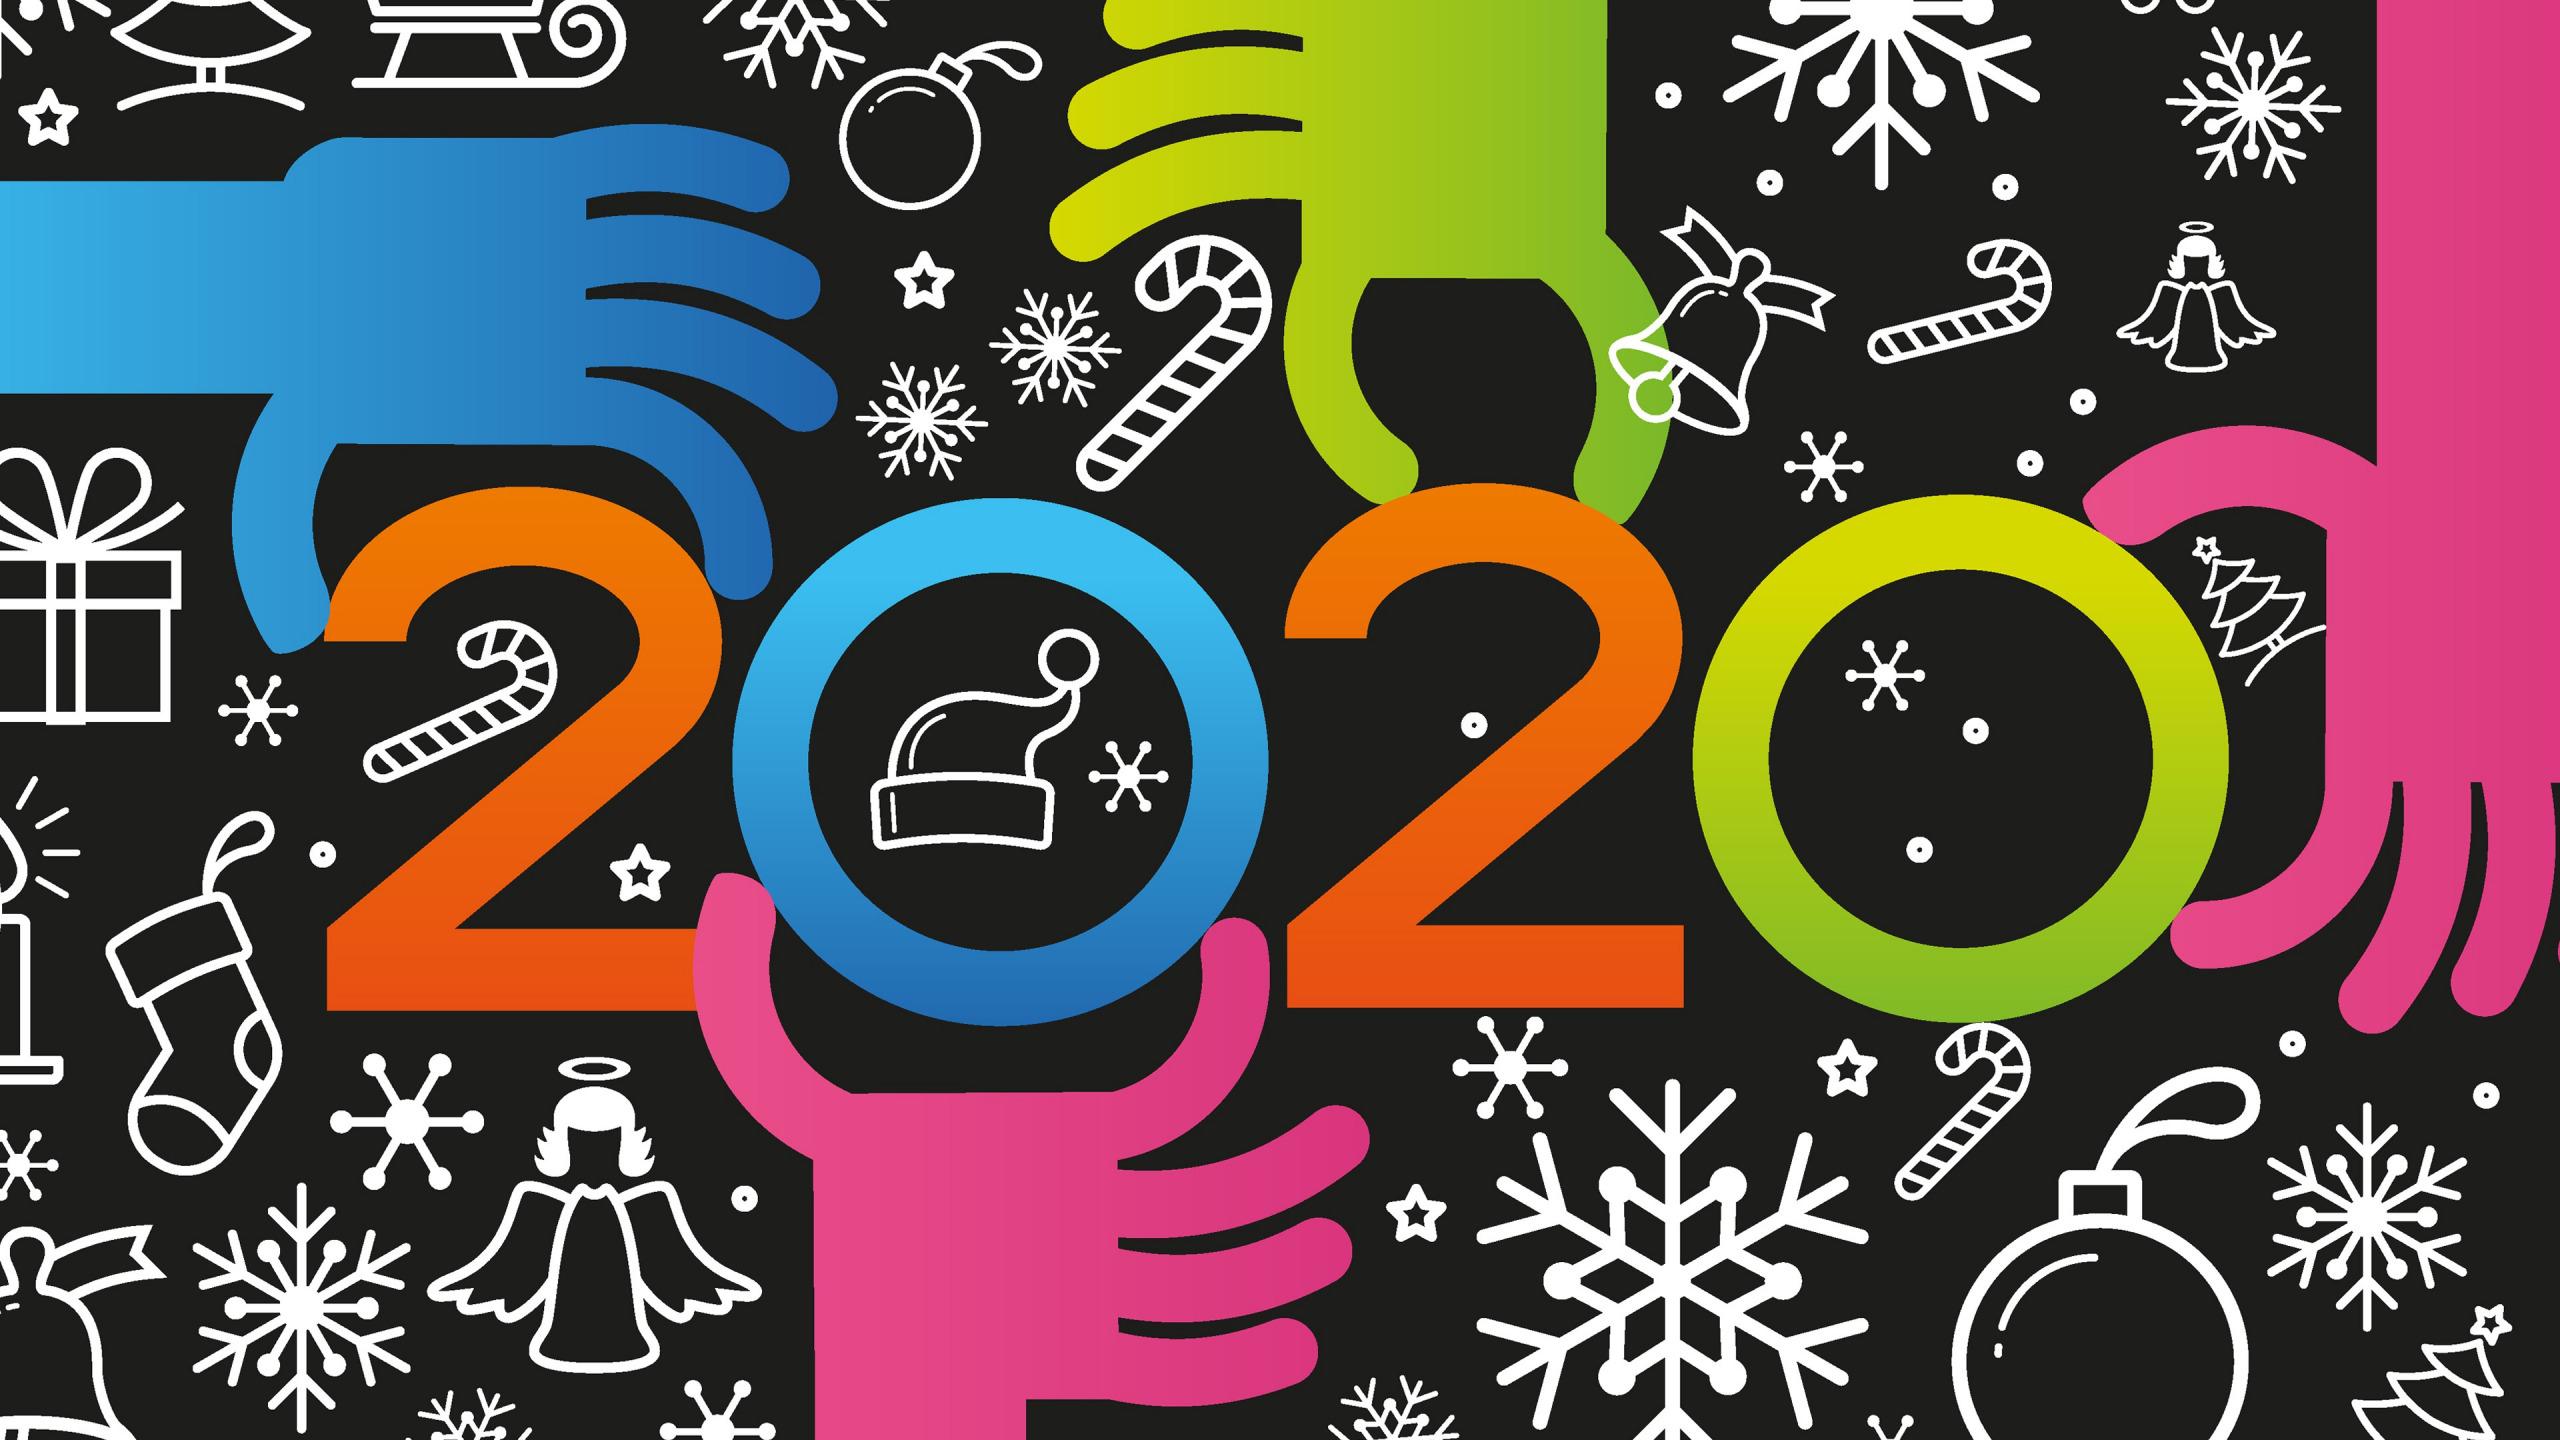 Hình nền cho năm mới 2020